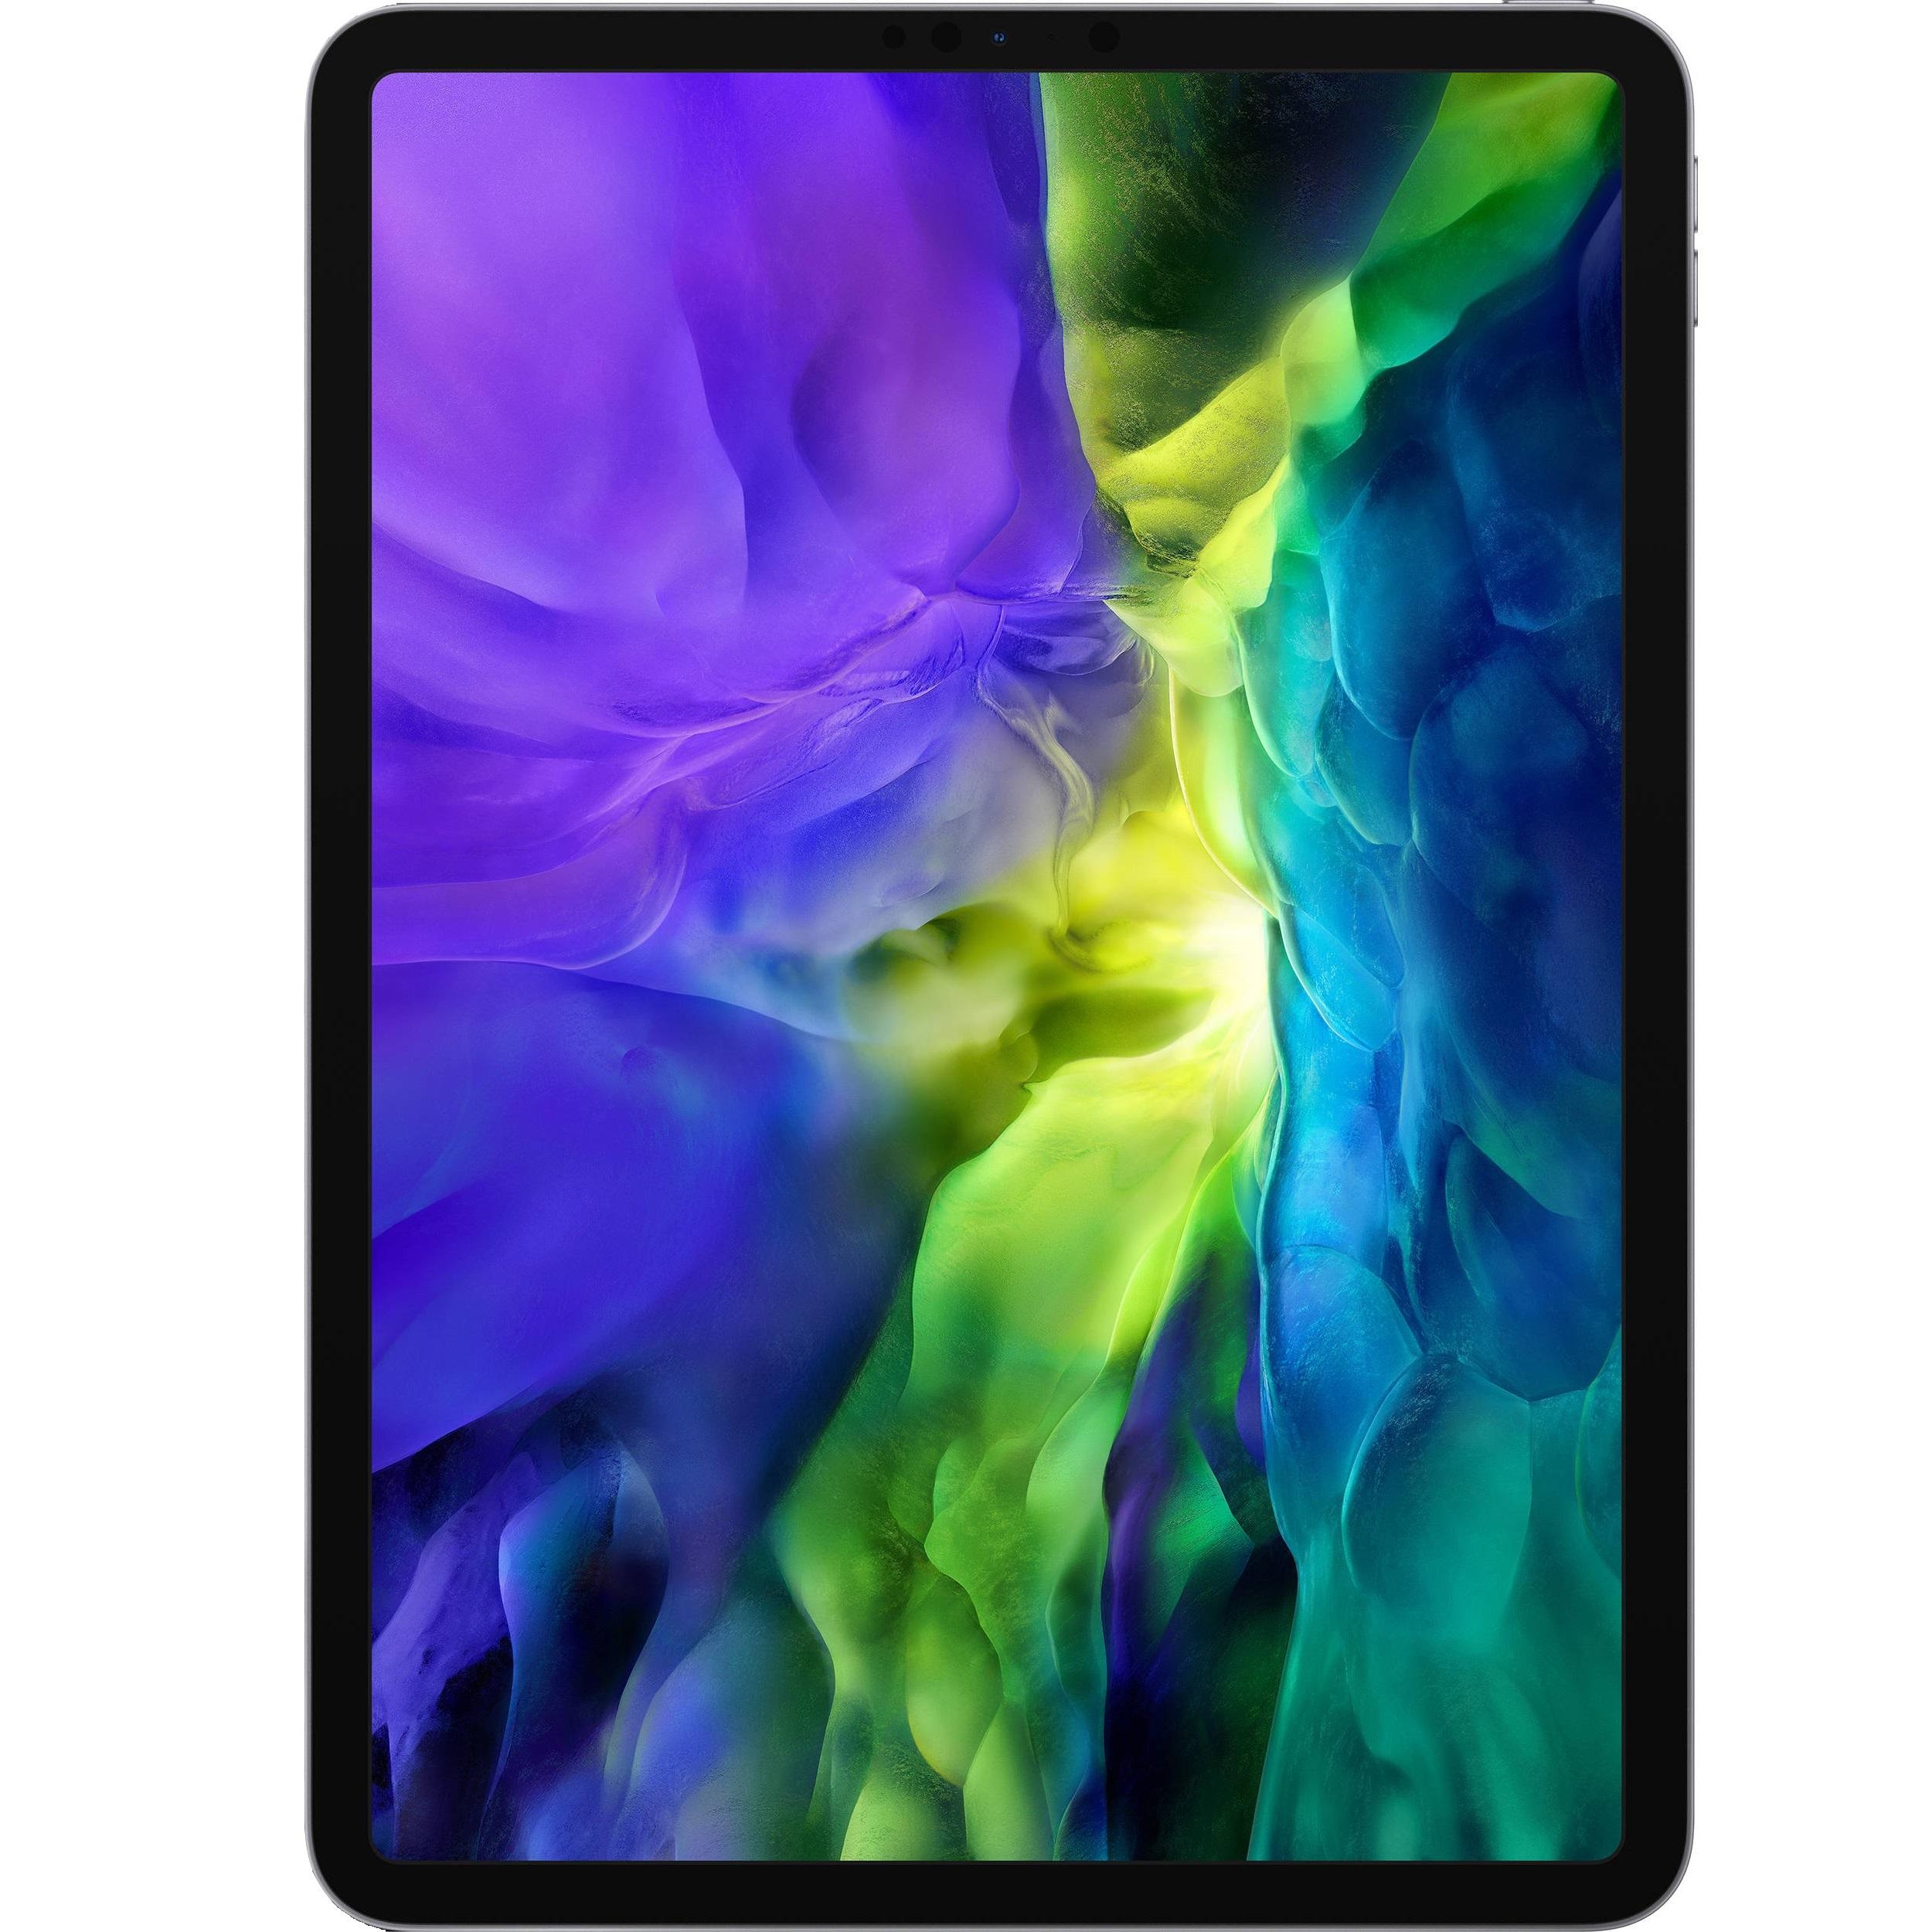 فروش نقدی یا اقساطی تبلت اپل مدل iPad Pro 11 inch 2020 4G ظرفیت 128 گیگابایت